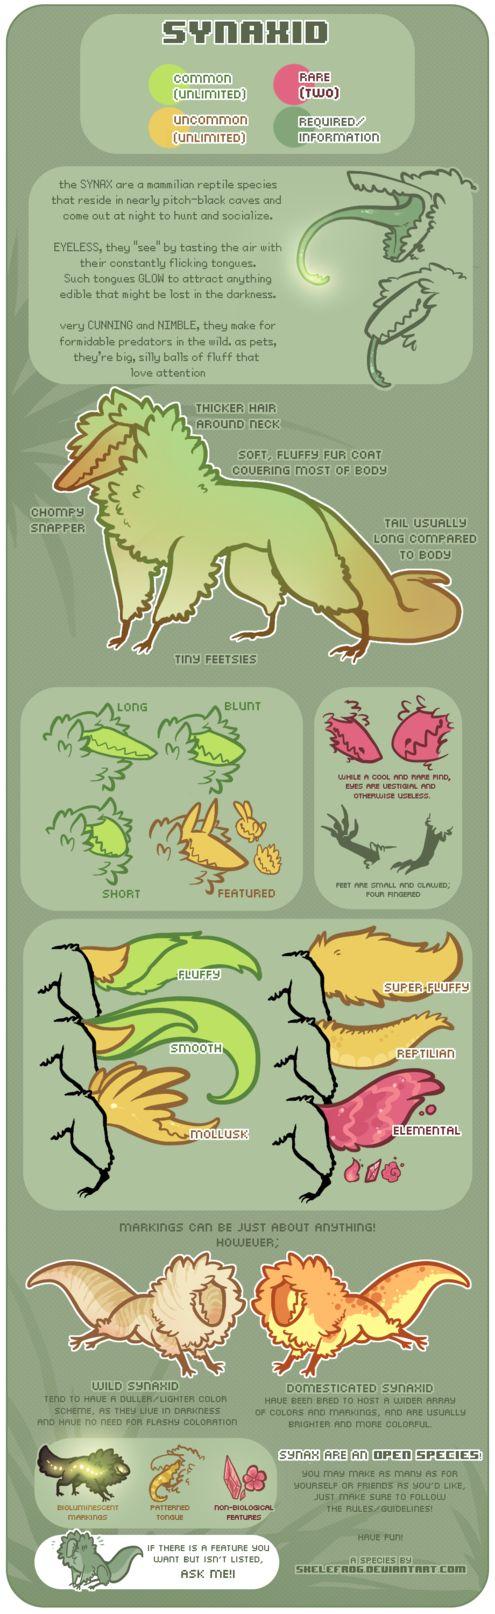 SYNAX - Open Species Guide [RULE CHANGE] by Skelefrog.deviantart.com on @DeviantArt